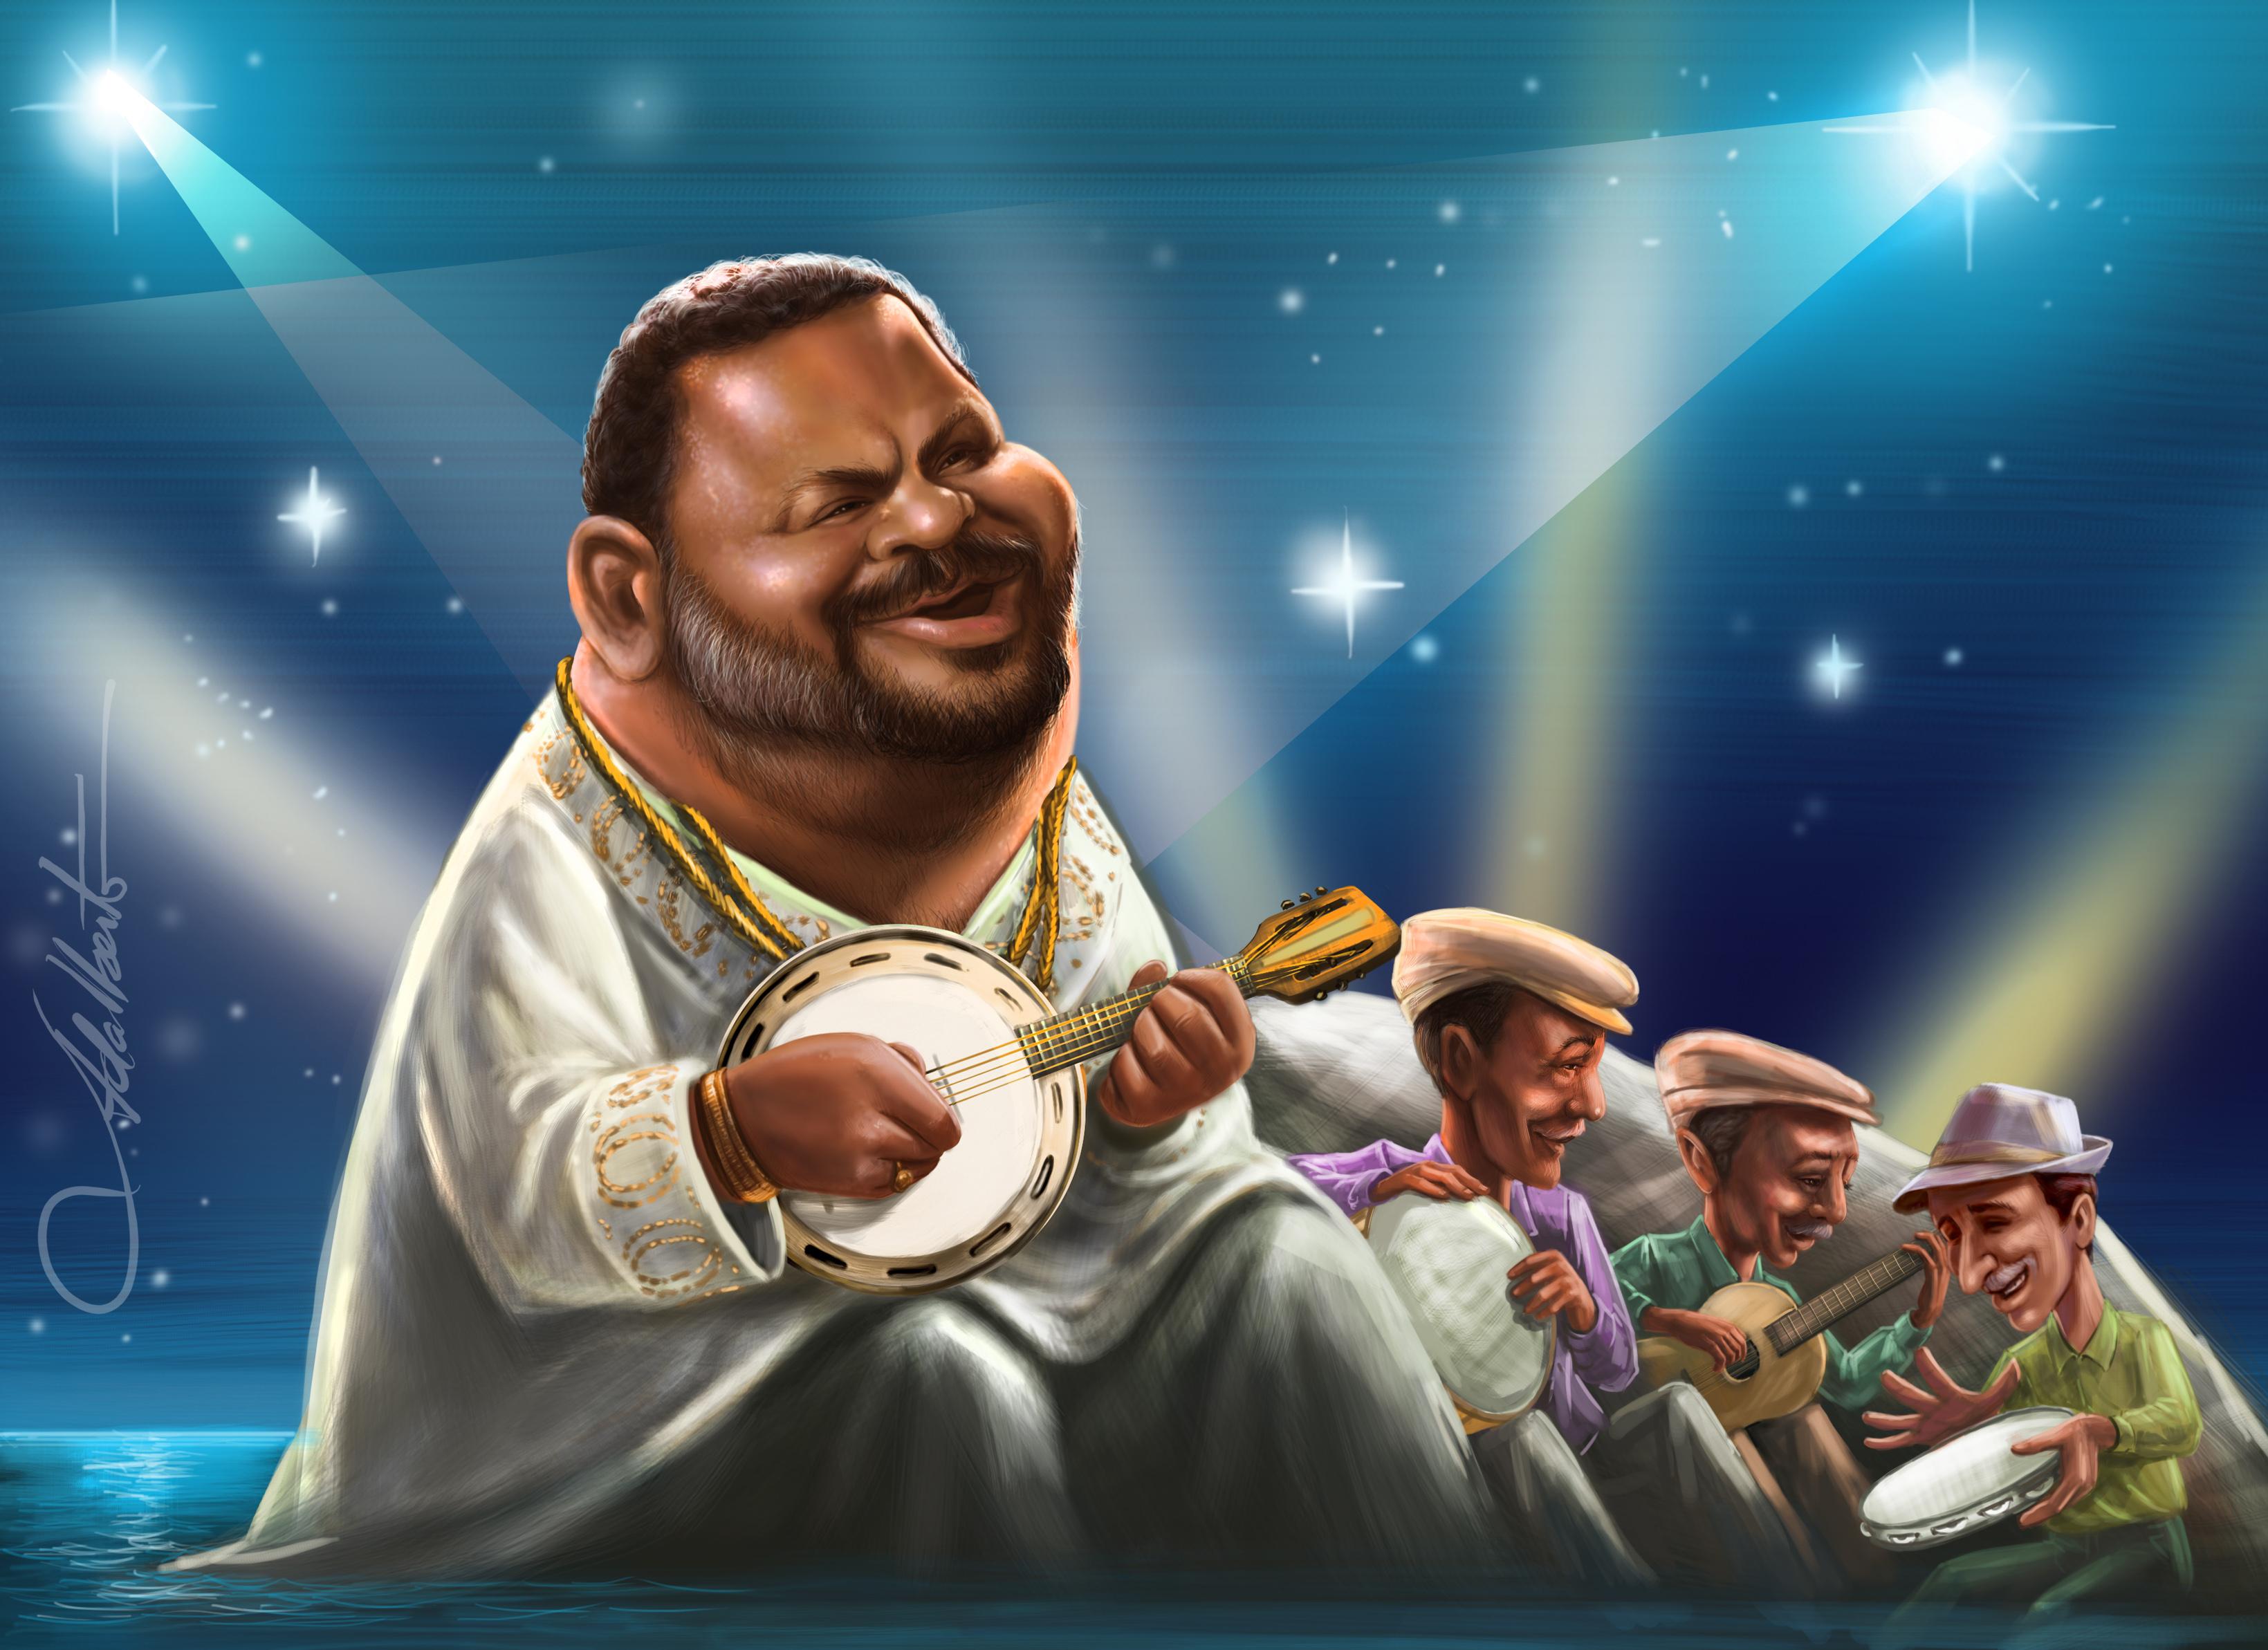 Caricatura Jundiai -Arlindo Cruz.jpg